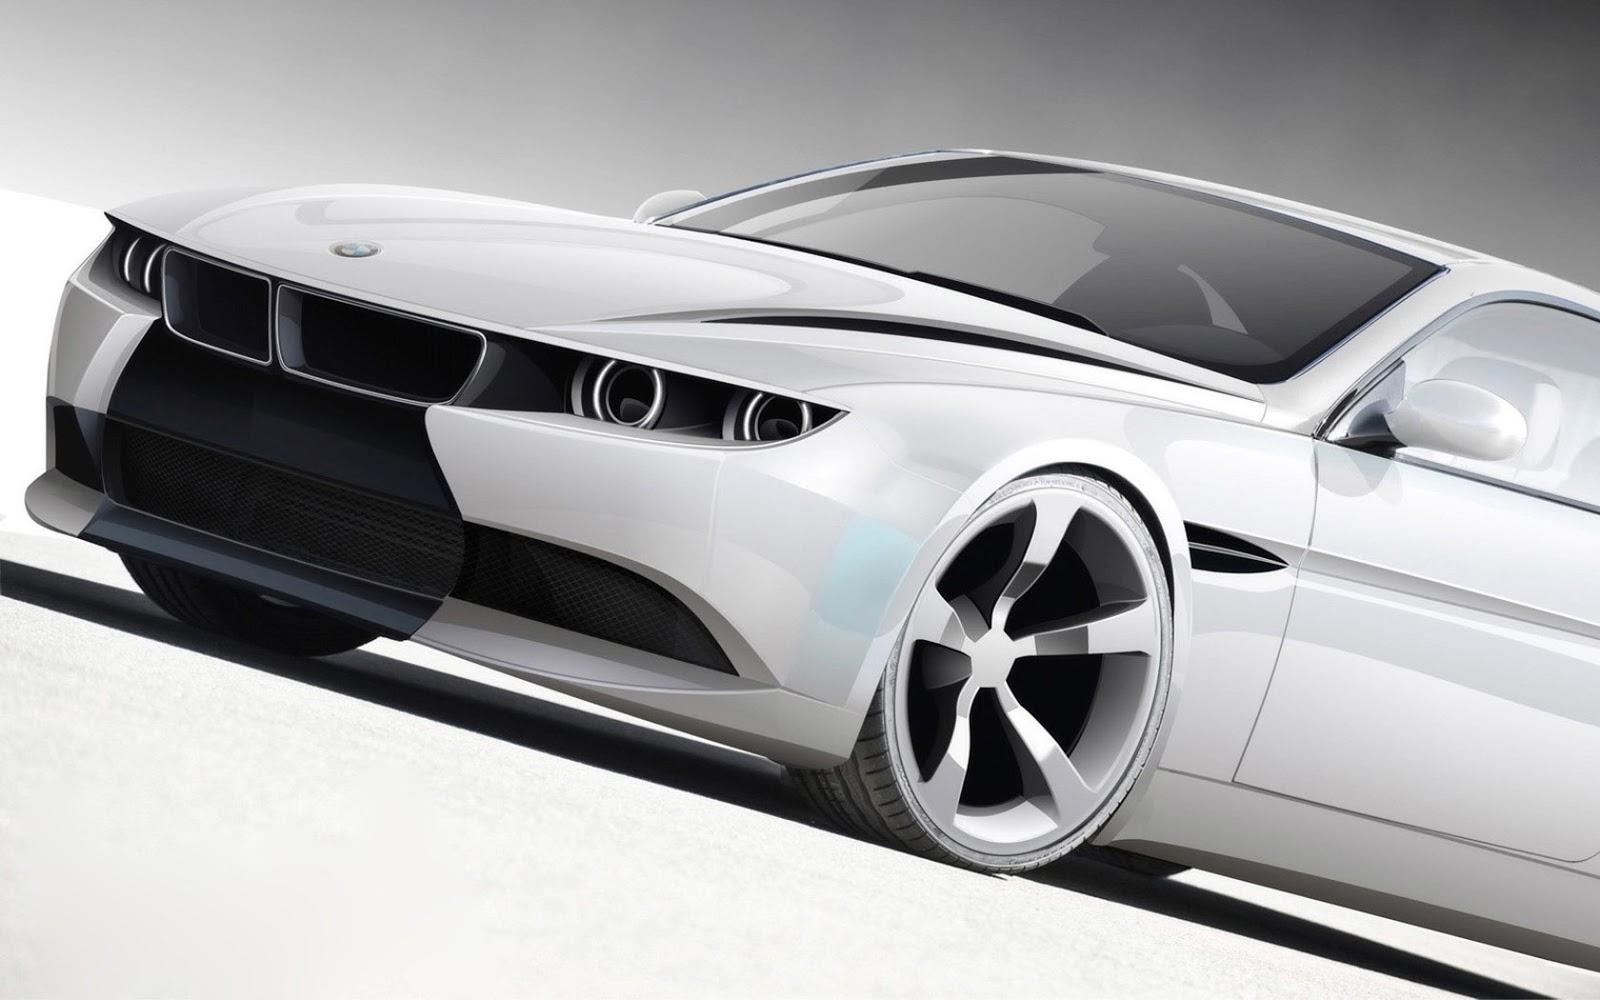 http://4.bp.blogspot.com/-XxdcJ4Vyz24/UPVSlSmuuVI/AAAAAAAAAjI/P9ztMvpPBRM/s1600/BMW+RS+M6+Wallpaper.jpg